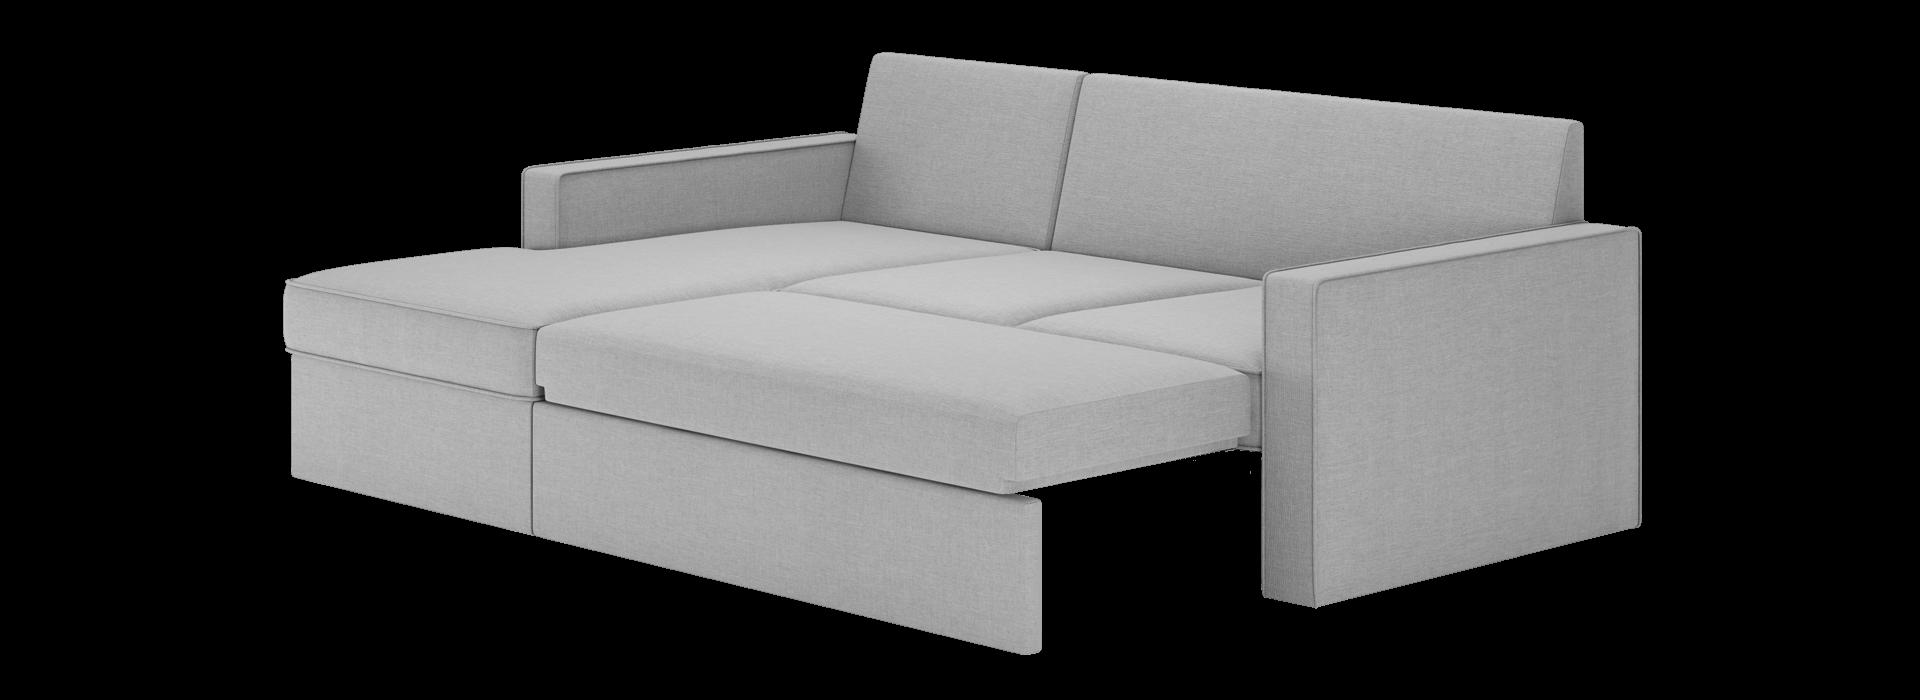 Лінкольн А модульний кутовий диван - маска 3